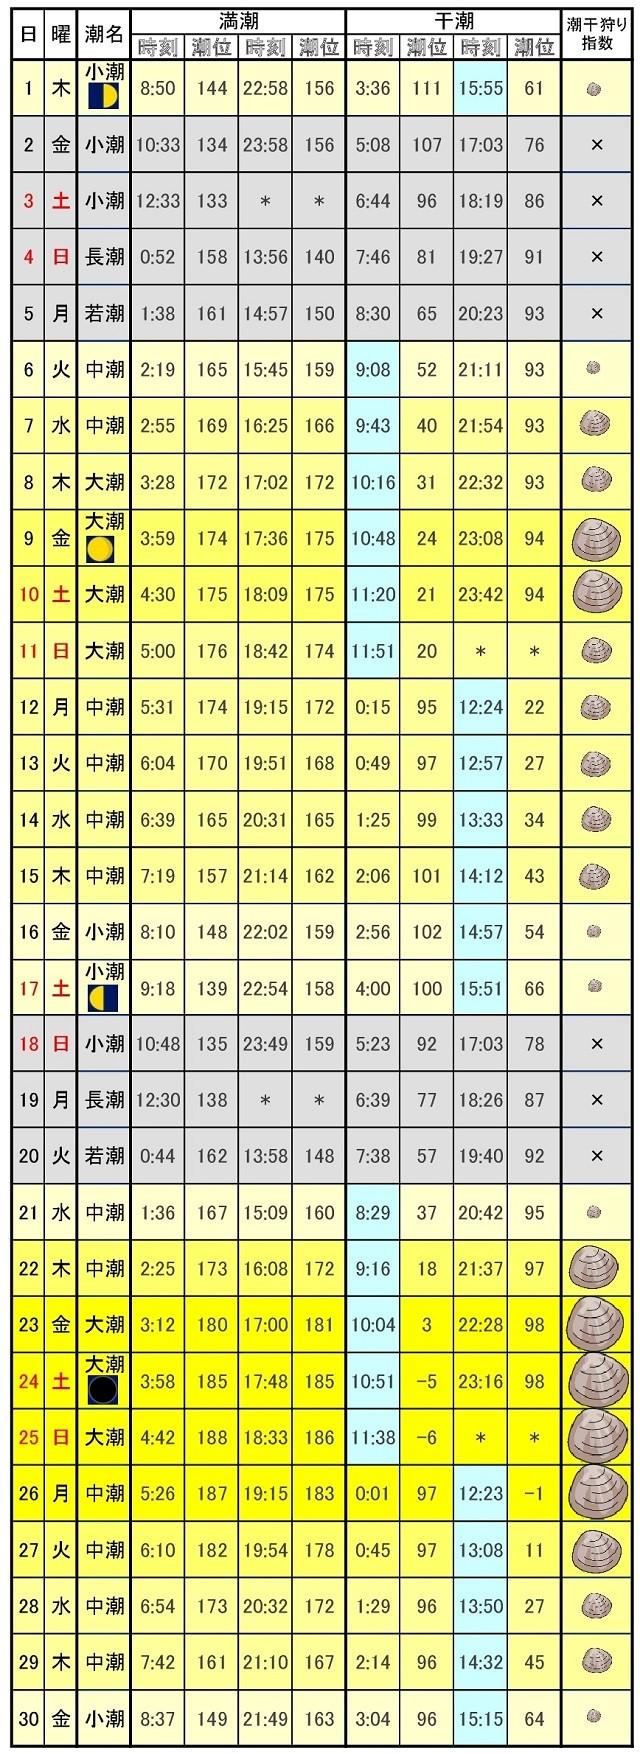 木更津潮干狩りカレンダー2017年6月